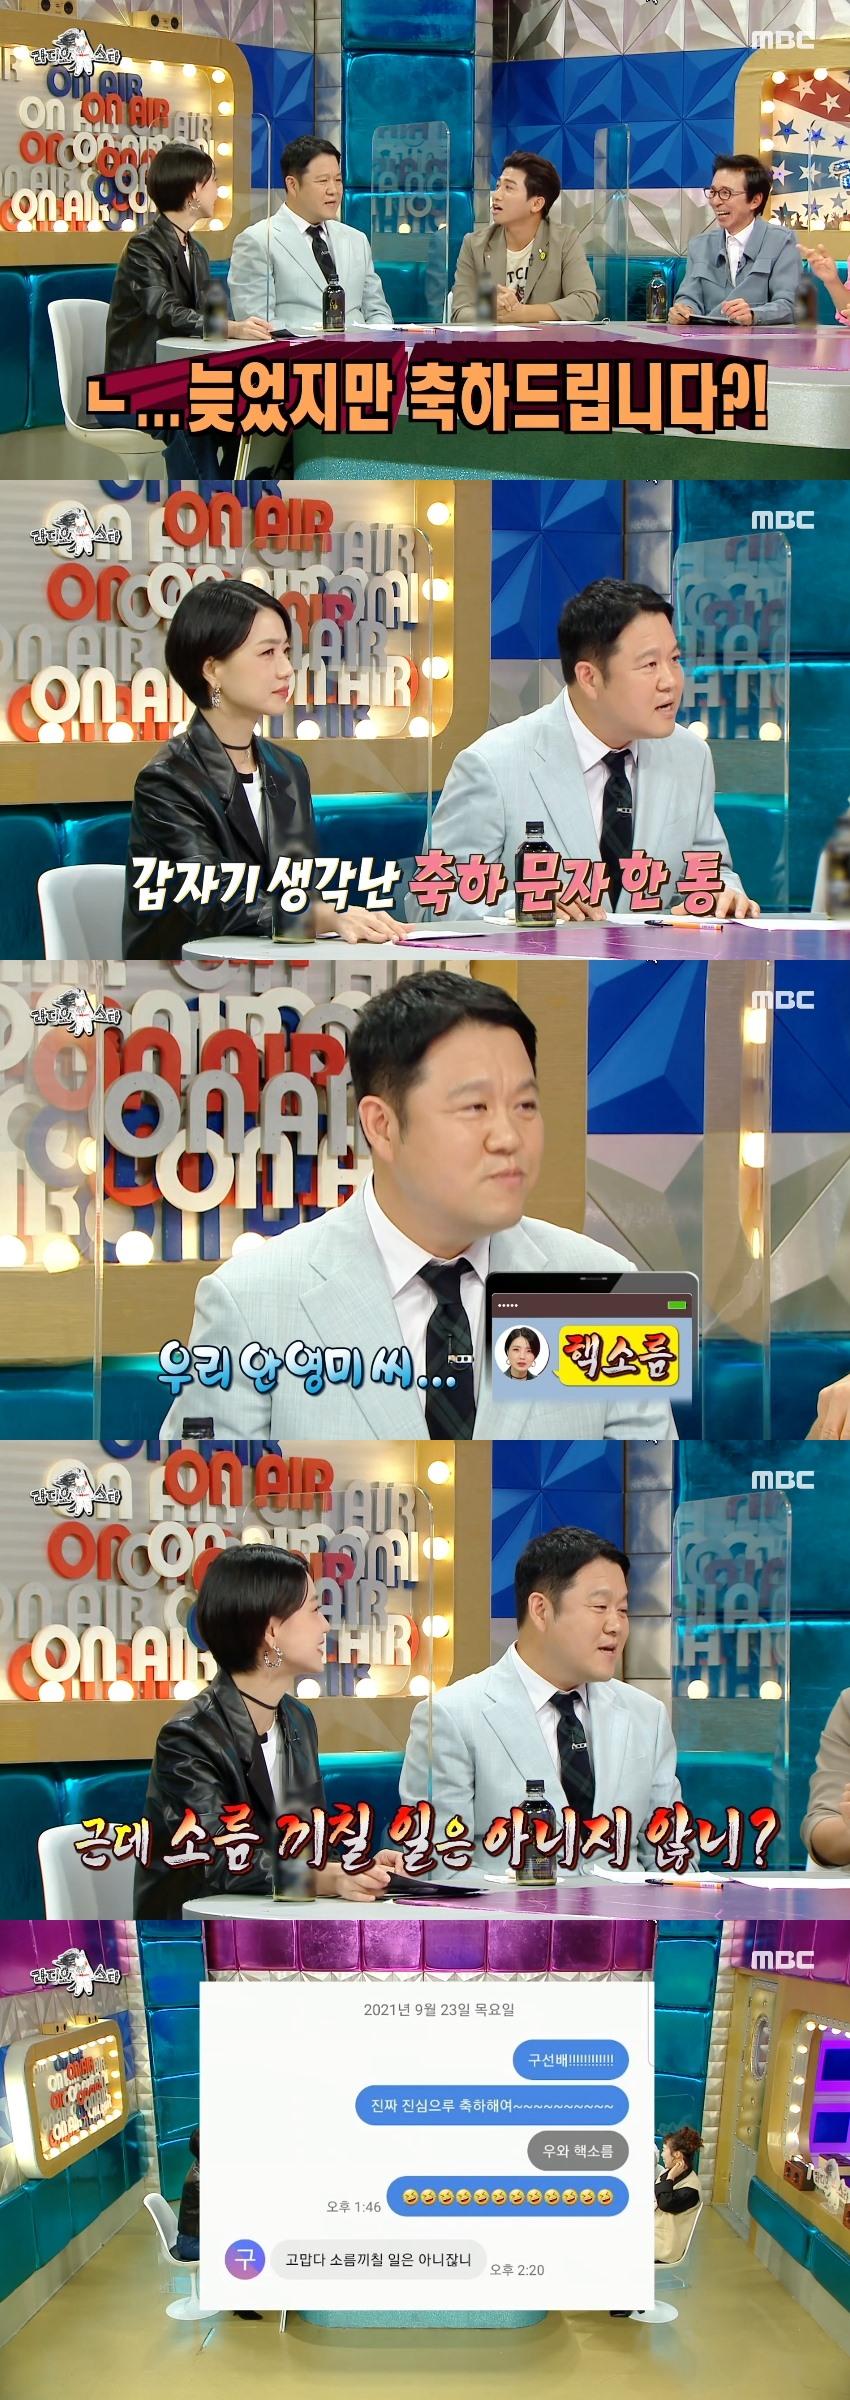 """김구라 """"득남 축하 메시지 받아…안영미 '핵소름'이라고"""" ('라디오스타')"""